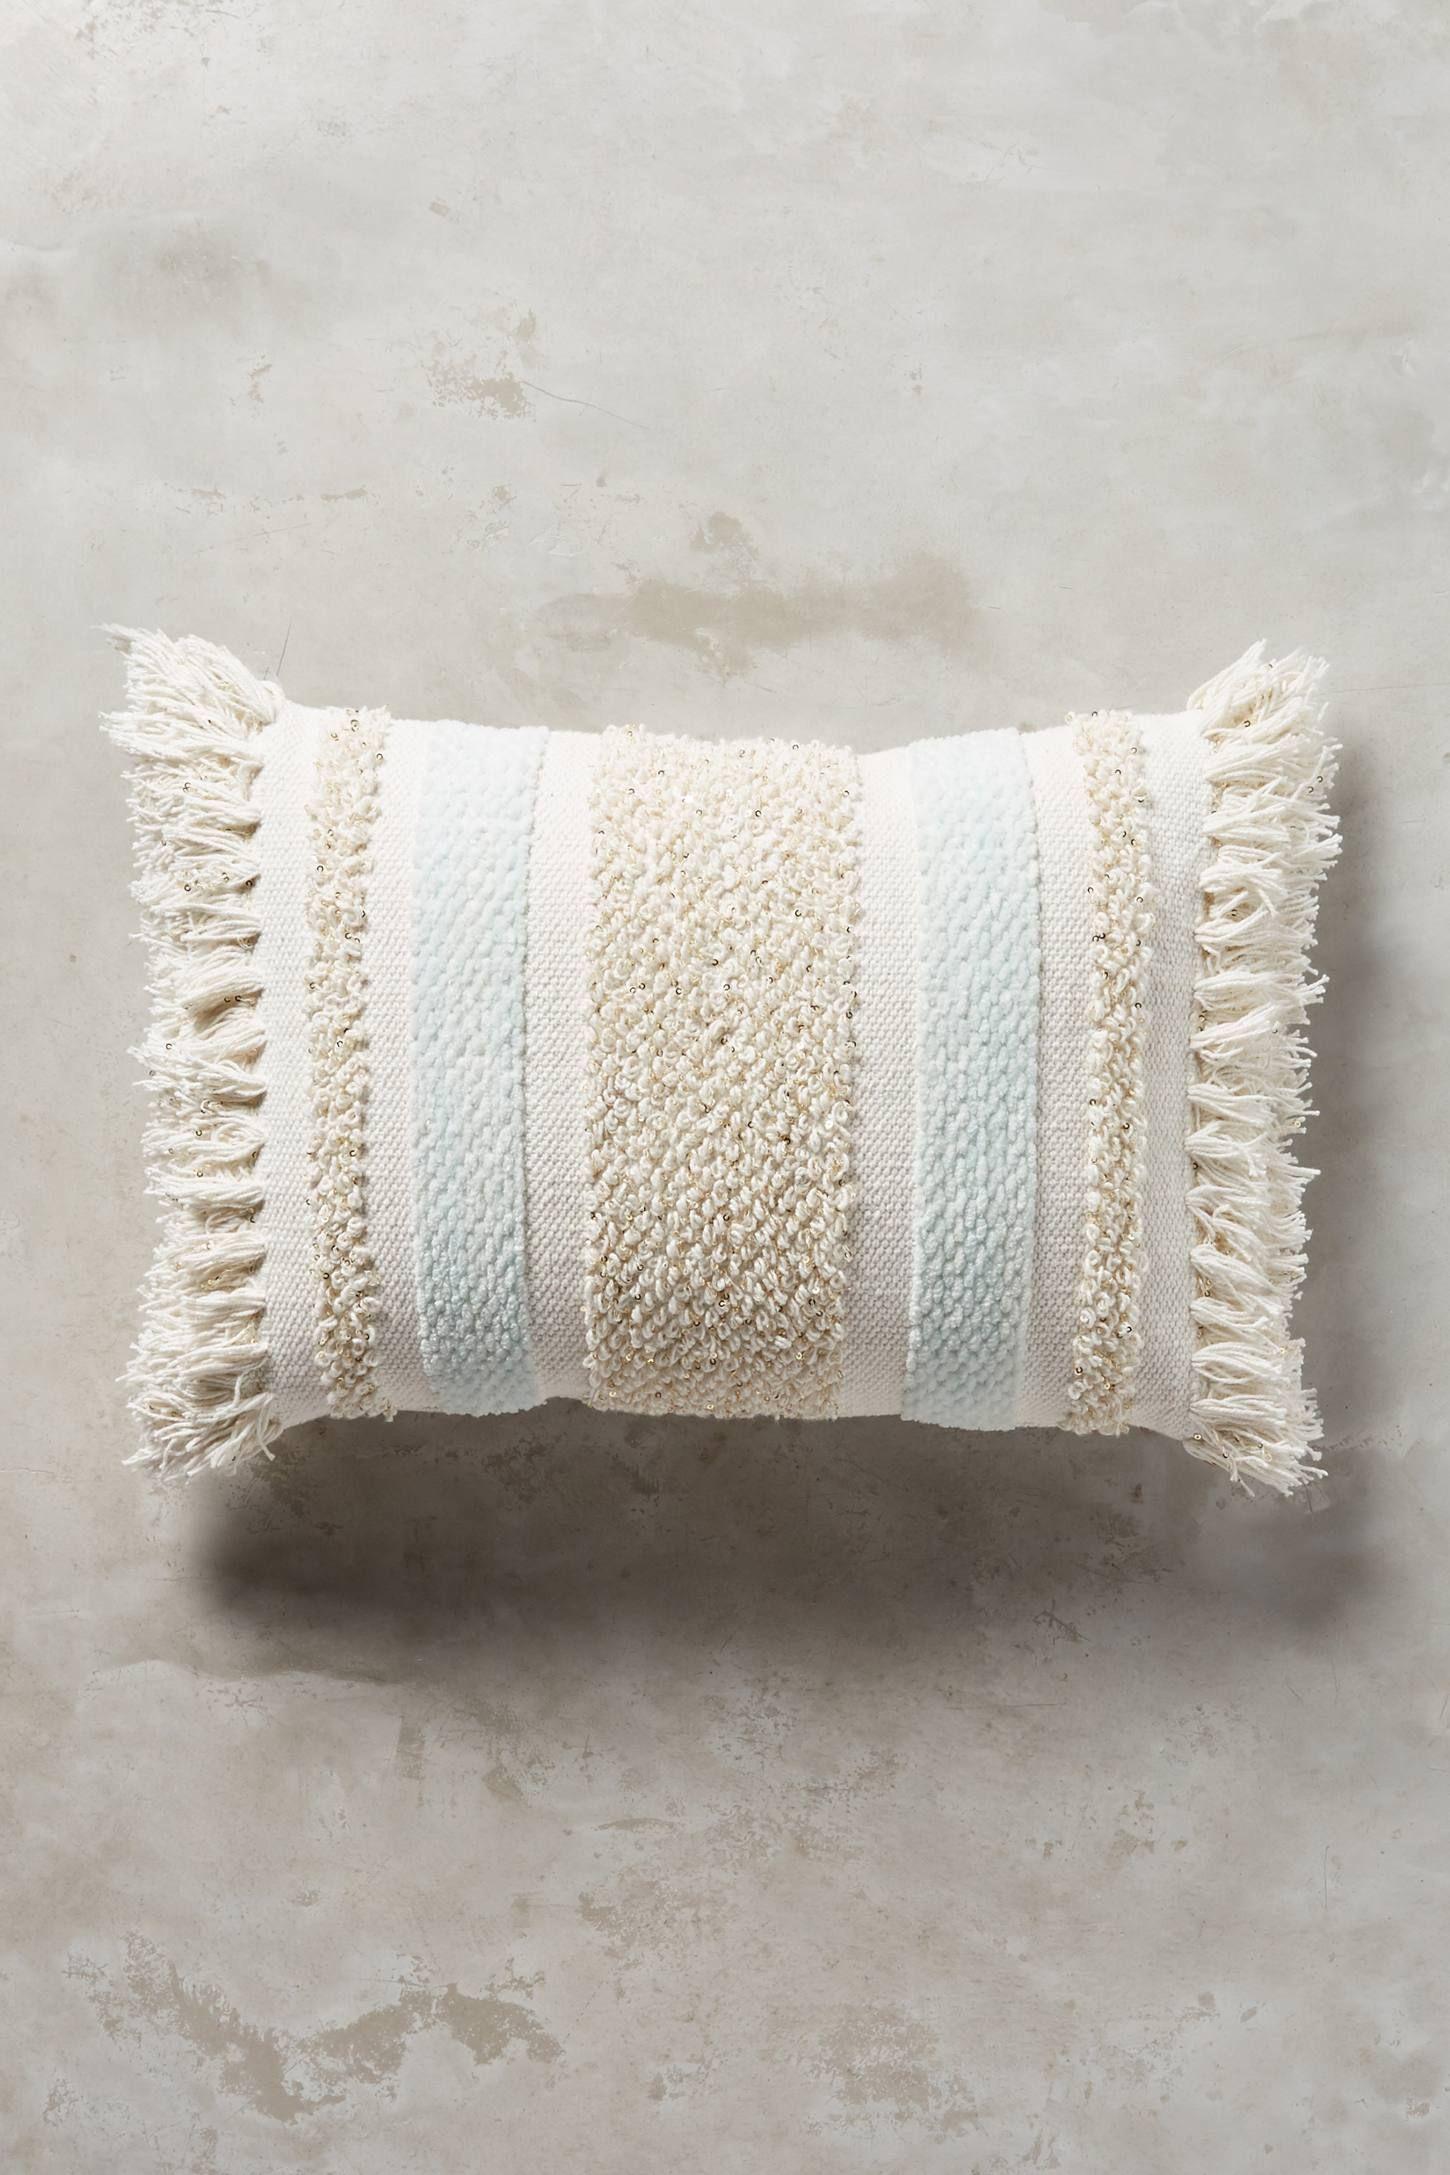 Textured Indira Pillow Pillows Pillow Texture Throw Pillows